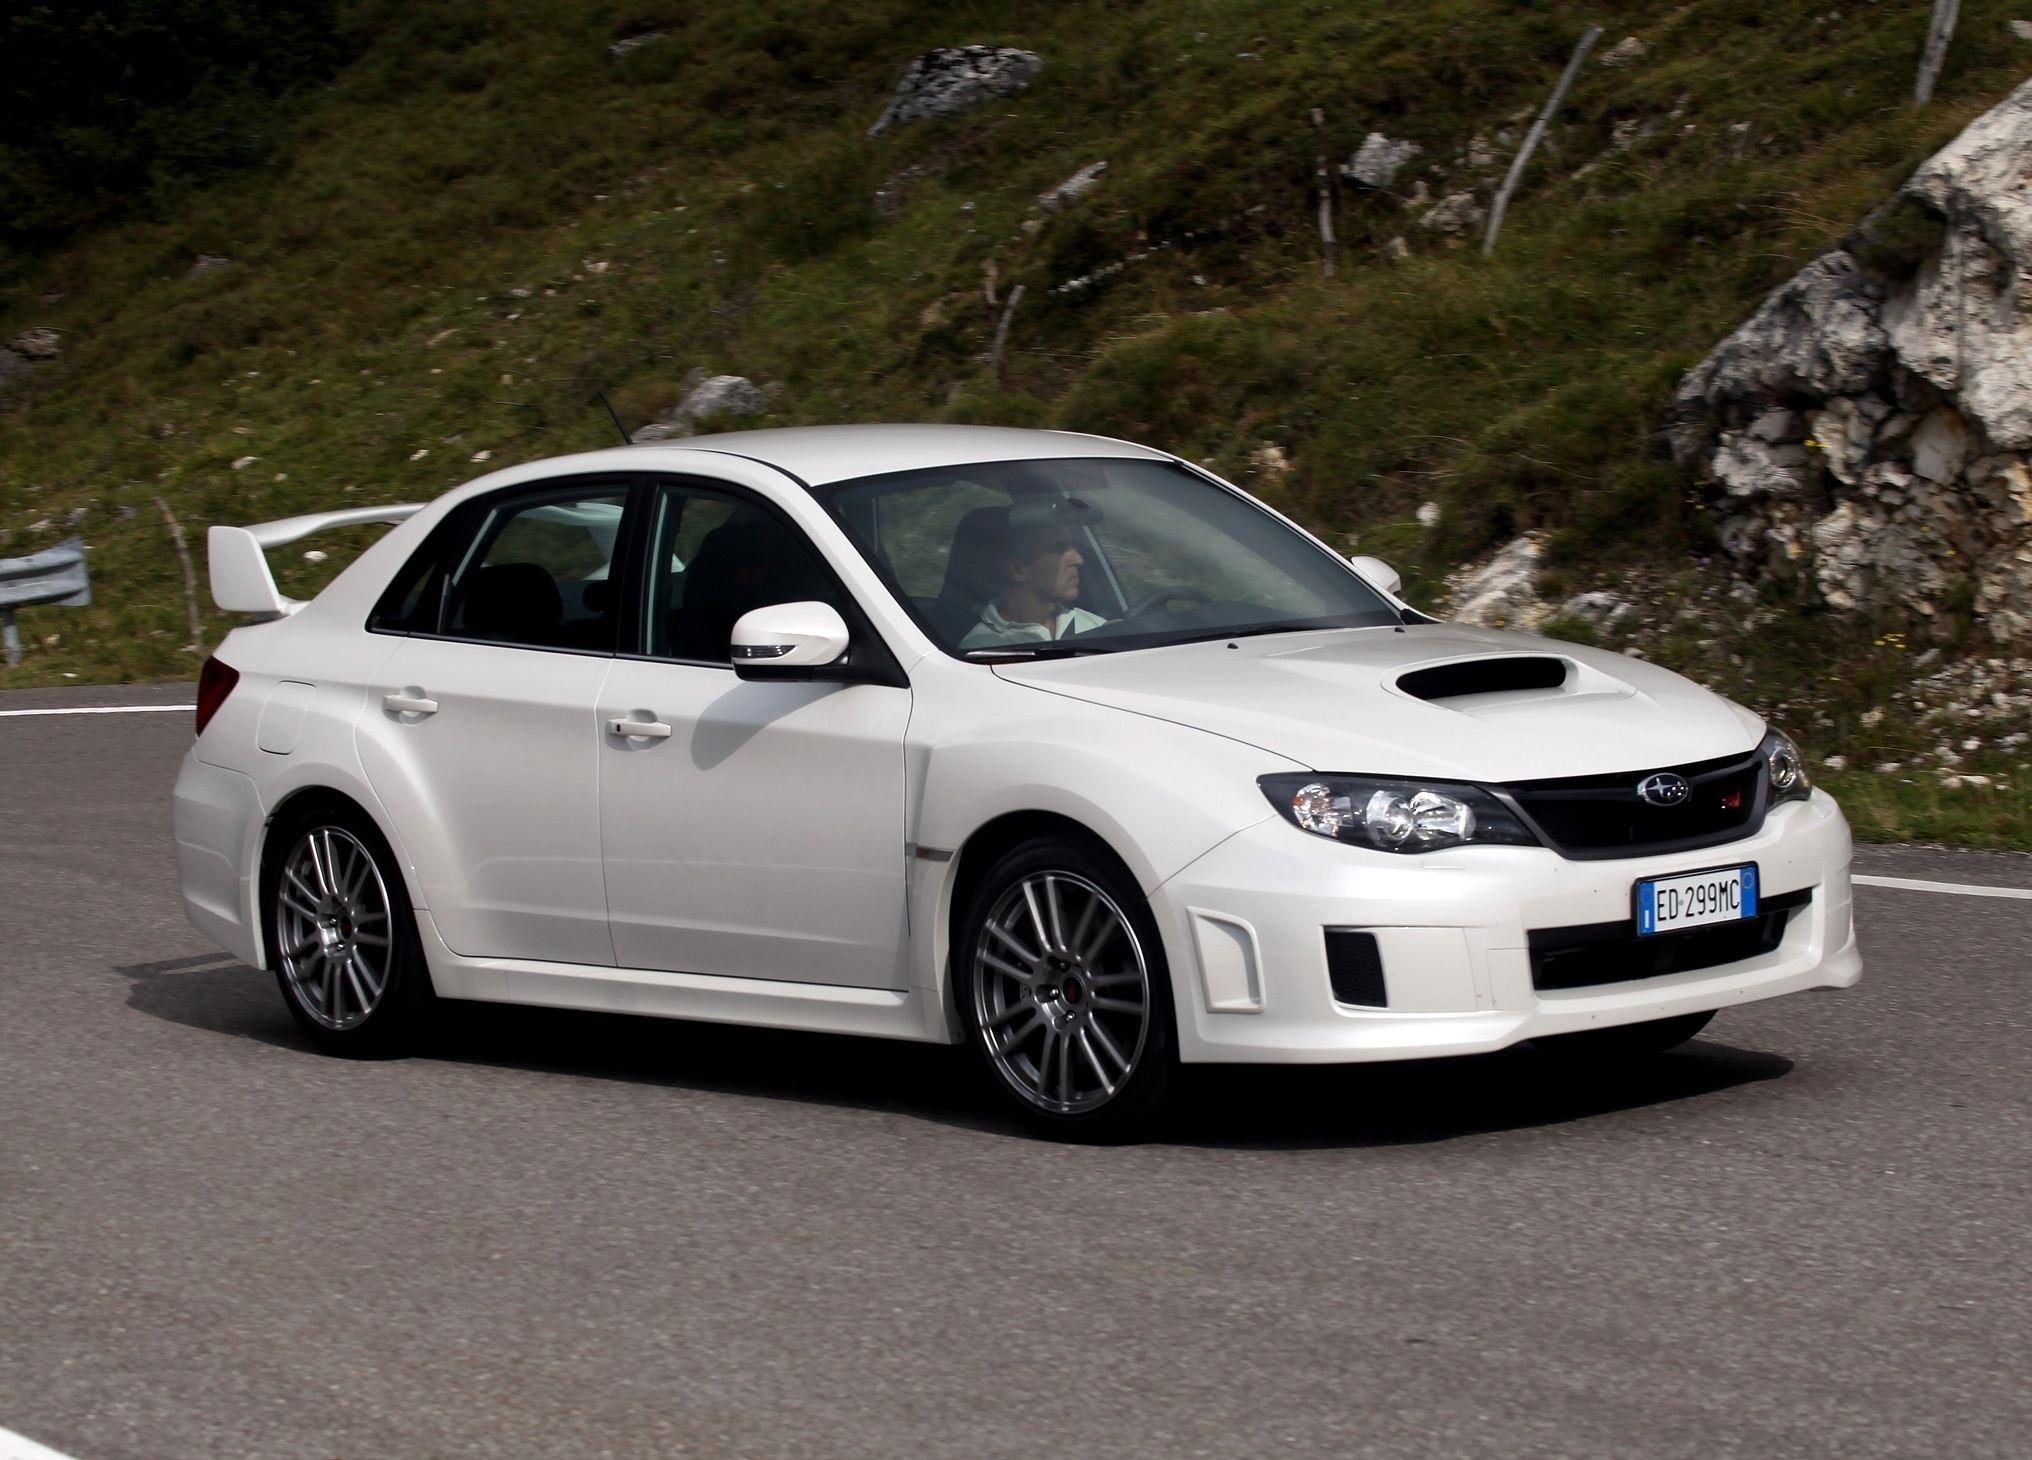 Subaru Wrx Hd Background